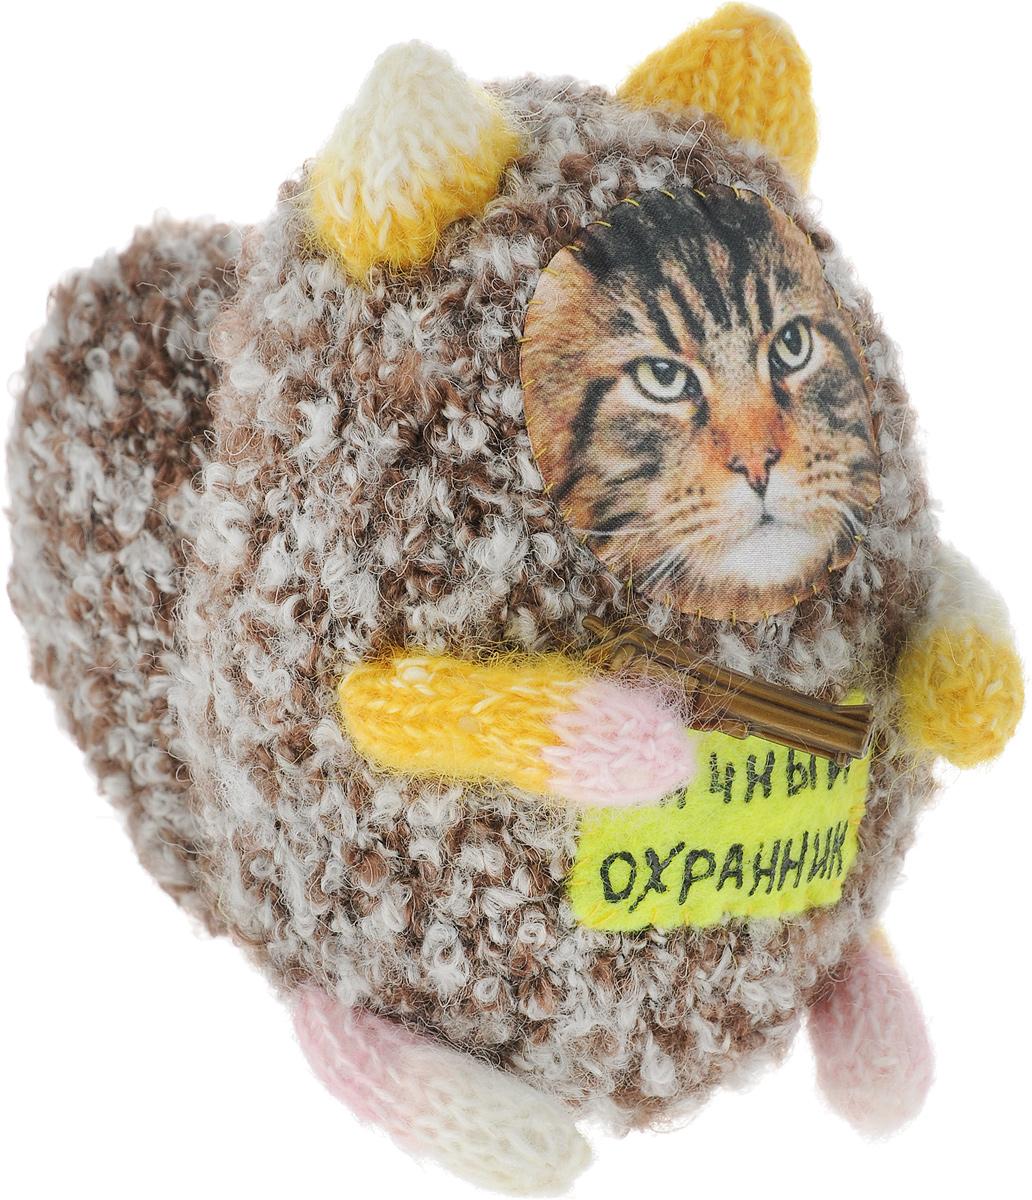 Мягкая игрушка Бюро находок Котик. Личный охранник, цвет: коричневый мягкая игрушка бюро находок котик с деньгами ж цвет темно красный